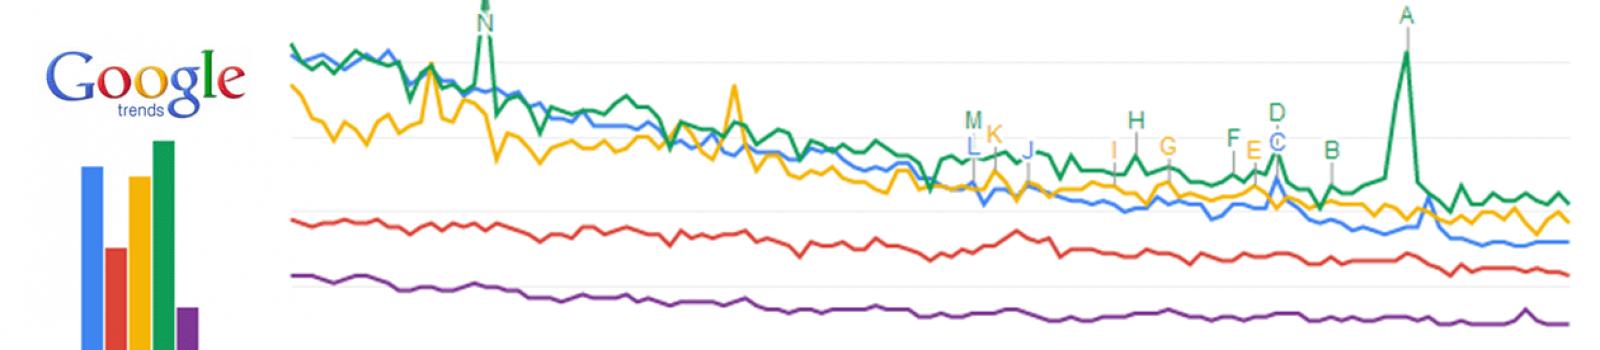 Google-Trends3